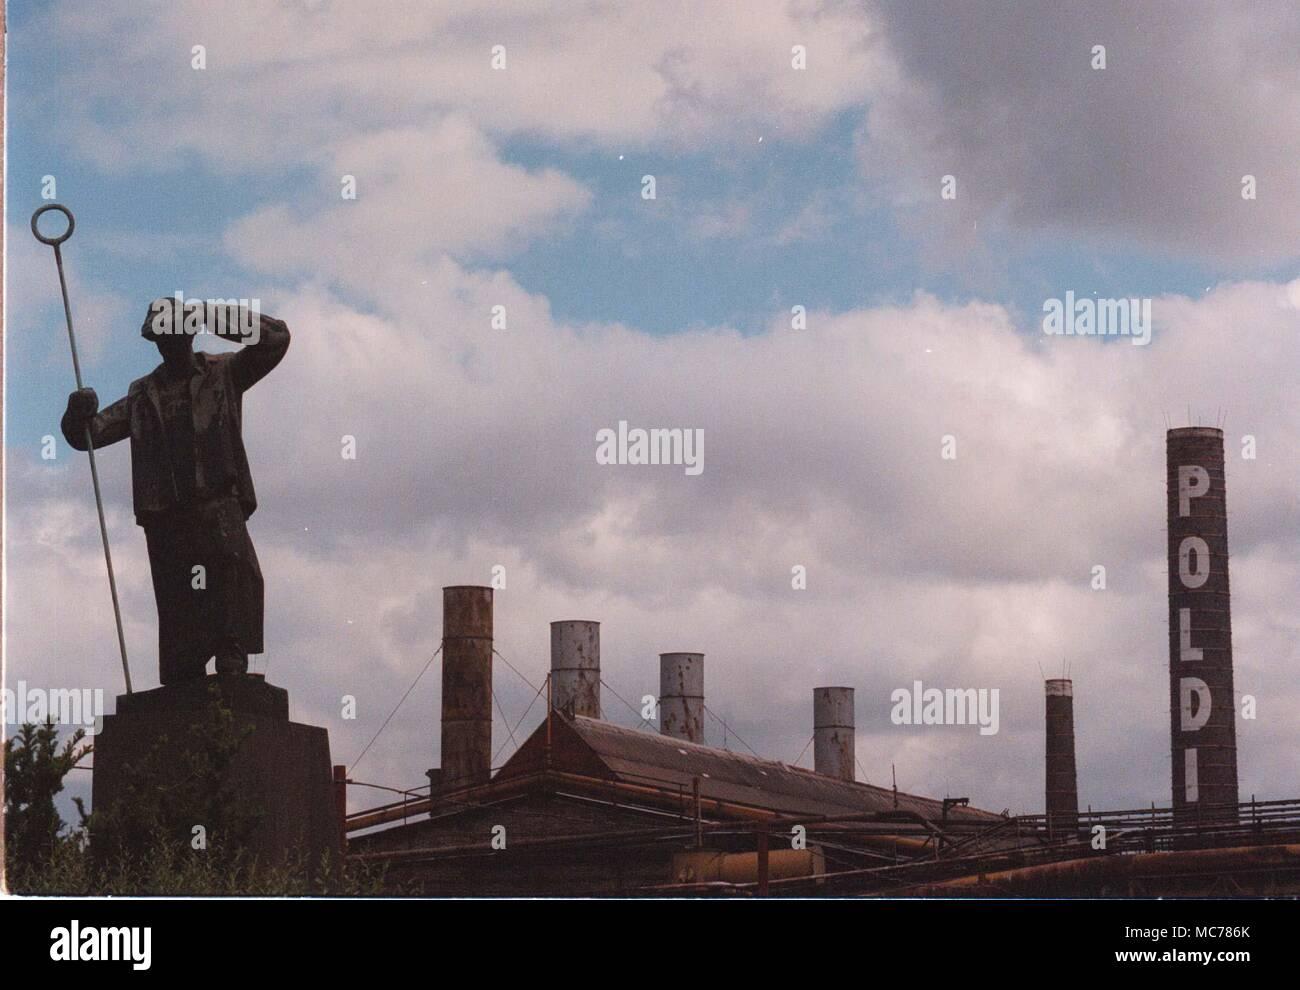 Best Value Imágenes De Stock & Best Value Fotos De Stock - Alamy